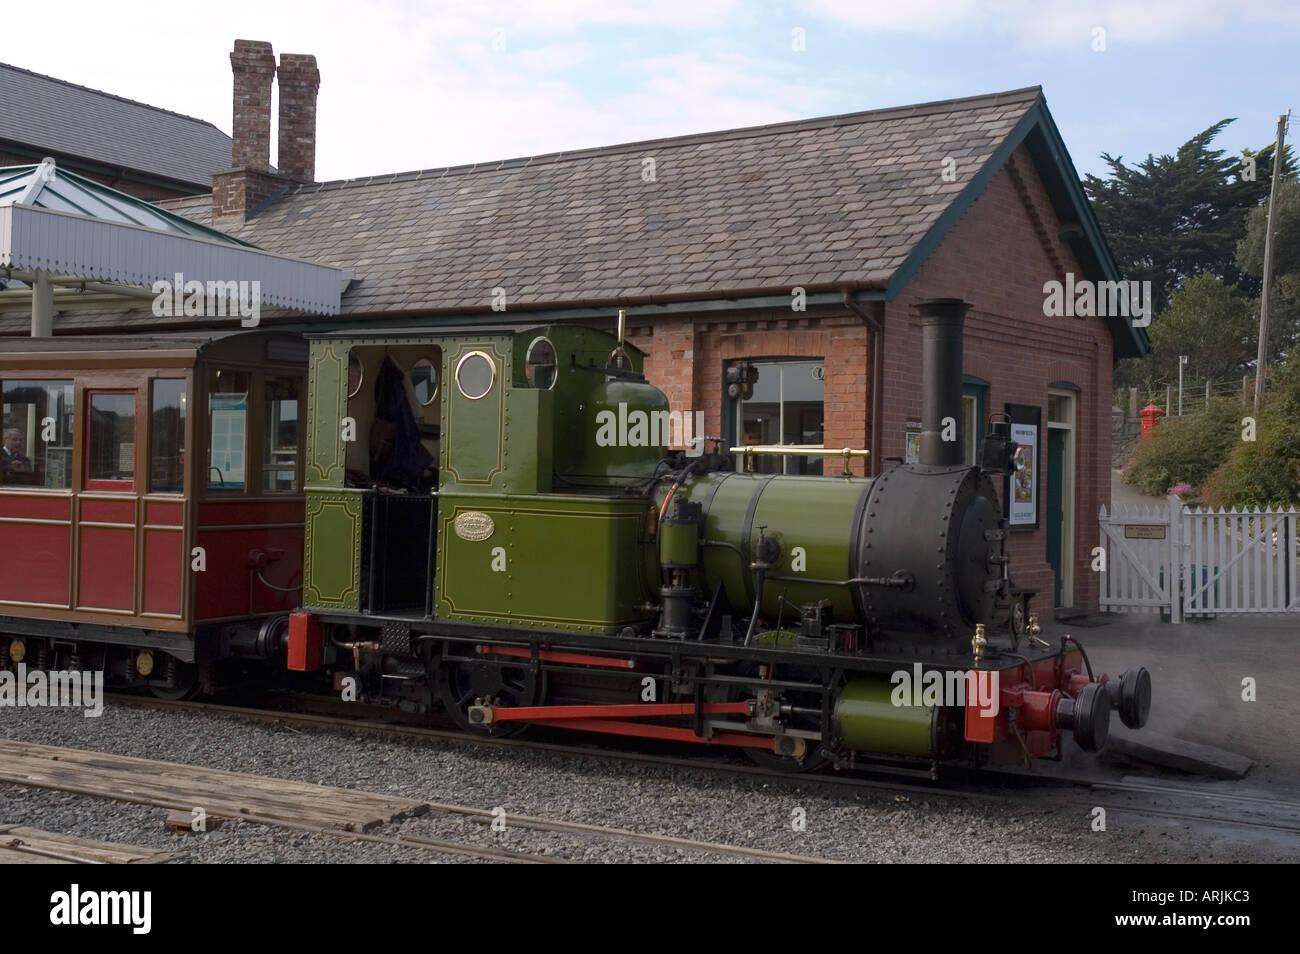 Talyllyn Railway - The Quarryman at Tywyn Station - Stock Image